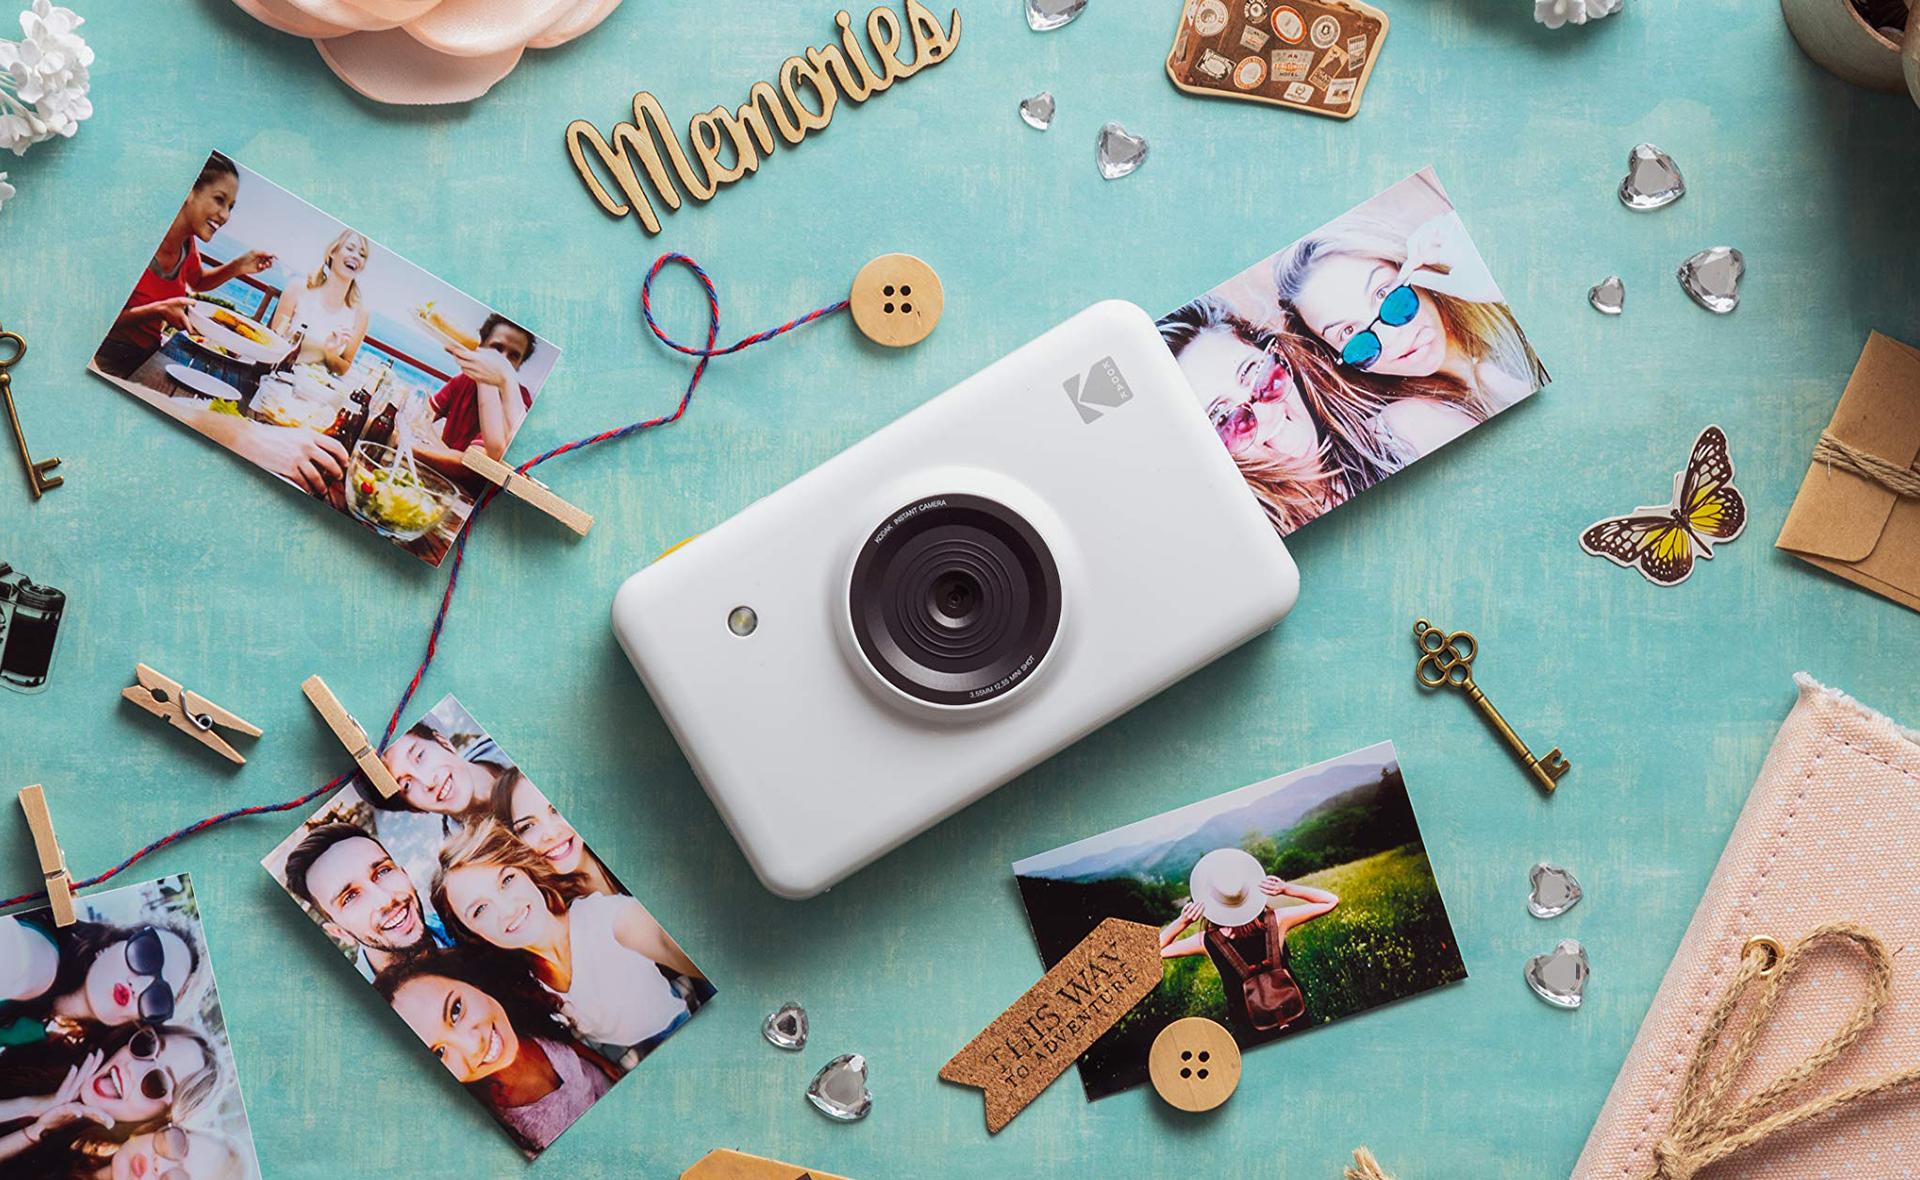 كاميرا كوداك ميني شوت Kodak Mini Shot